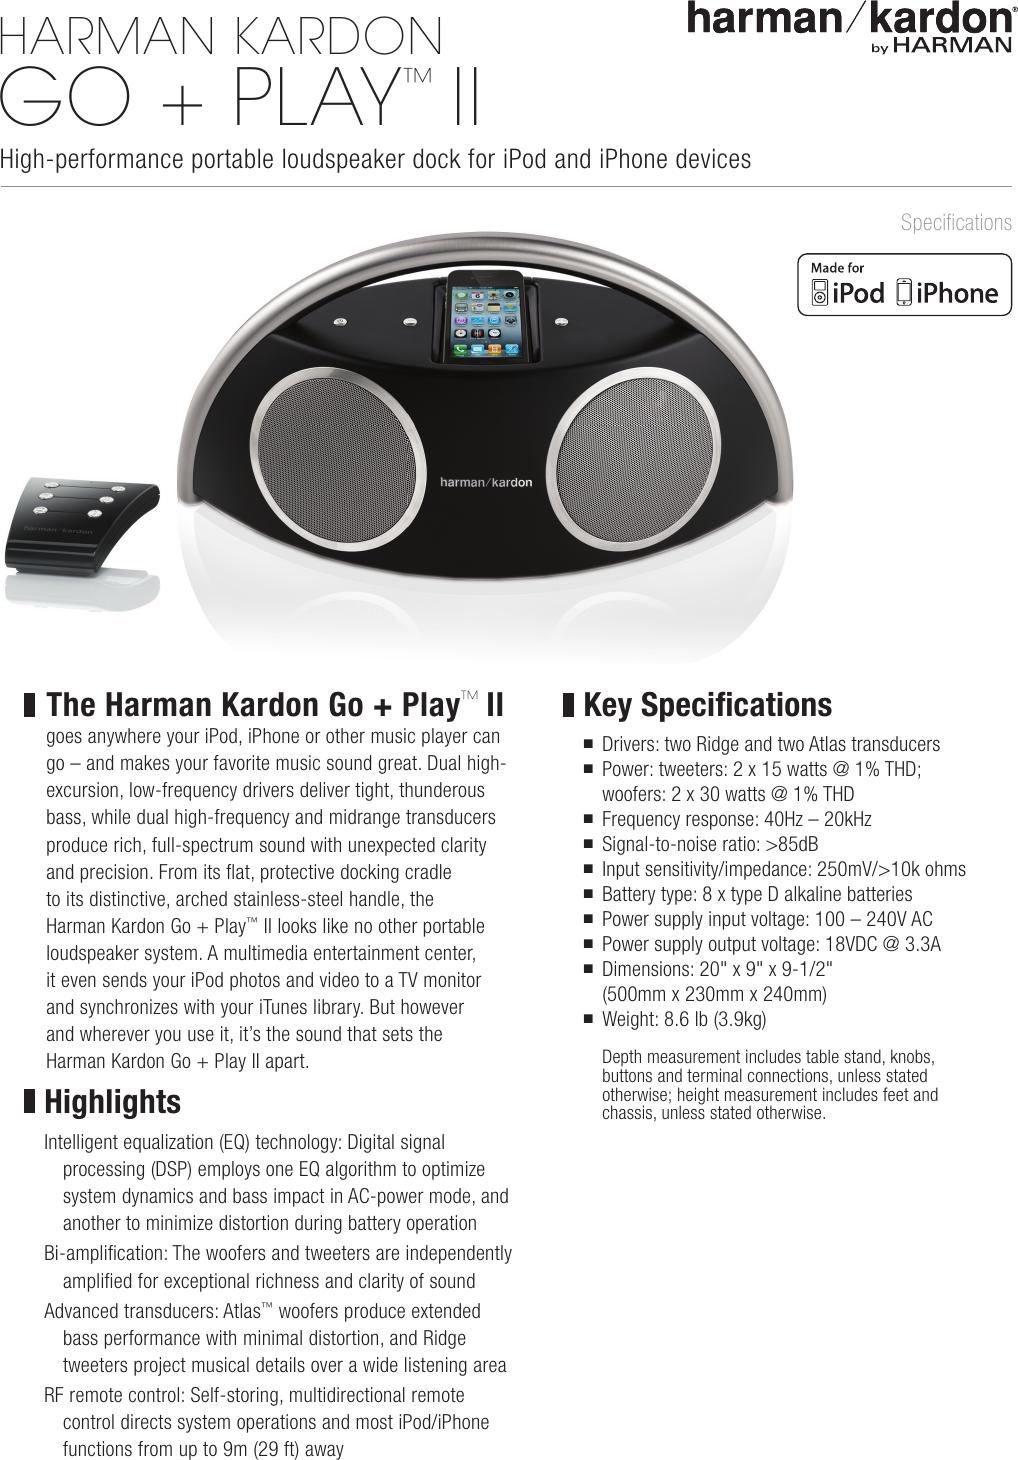 harman kardon go play ii product information sheet rh usermanual wiki harman kardon go play 2 user manual Harman Kardon Boombox